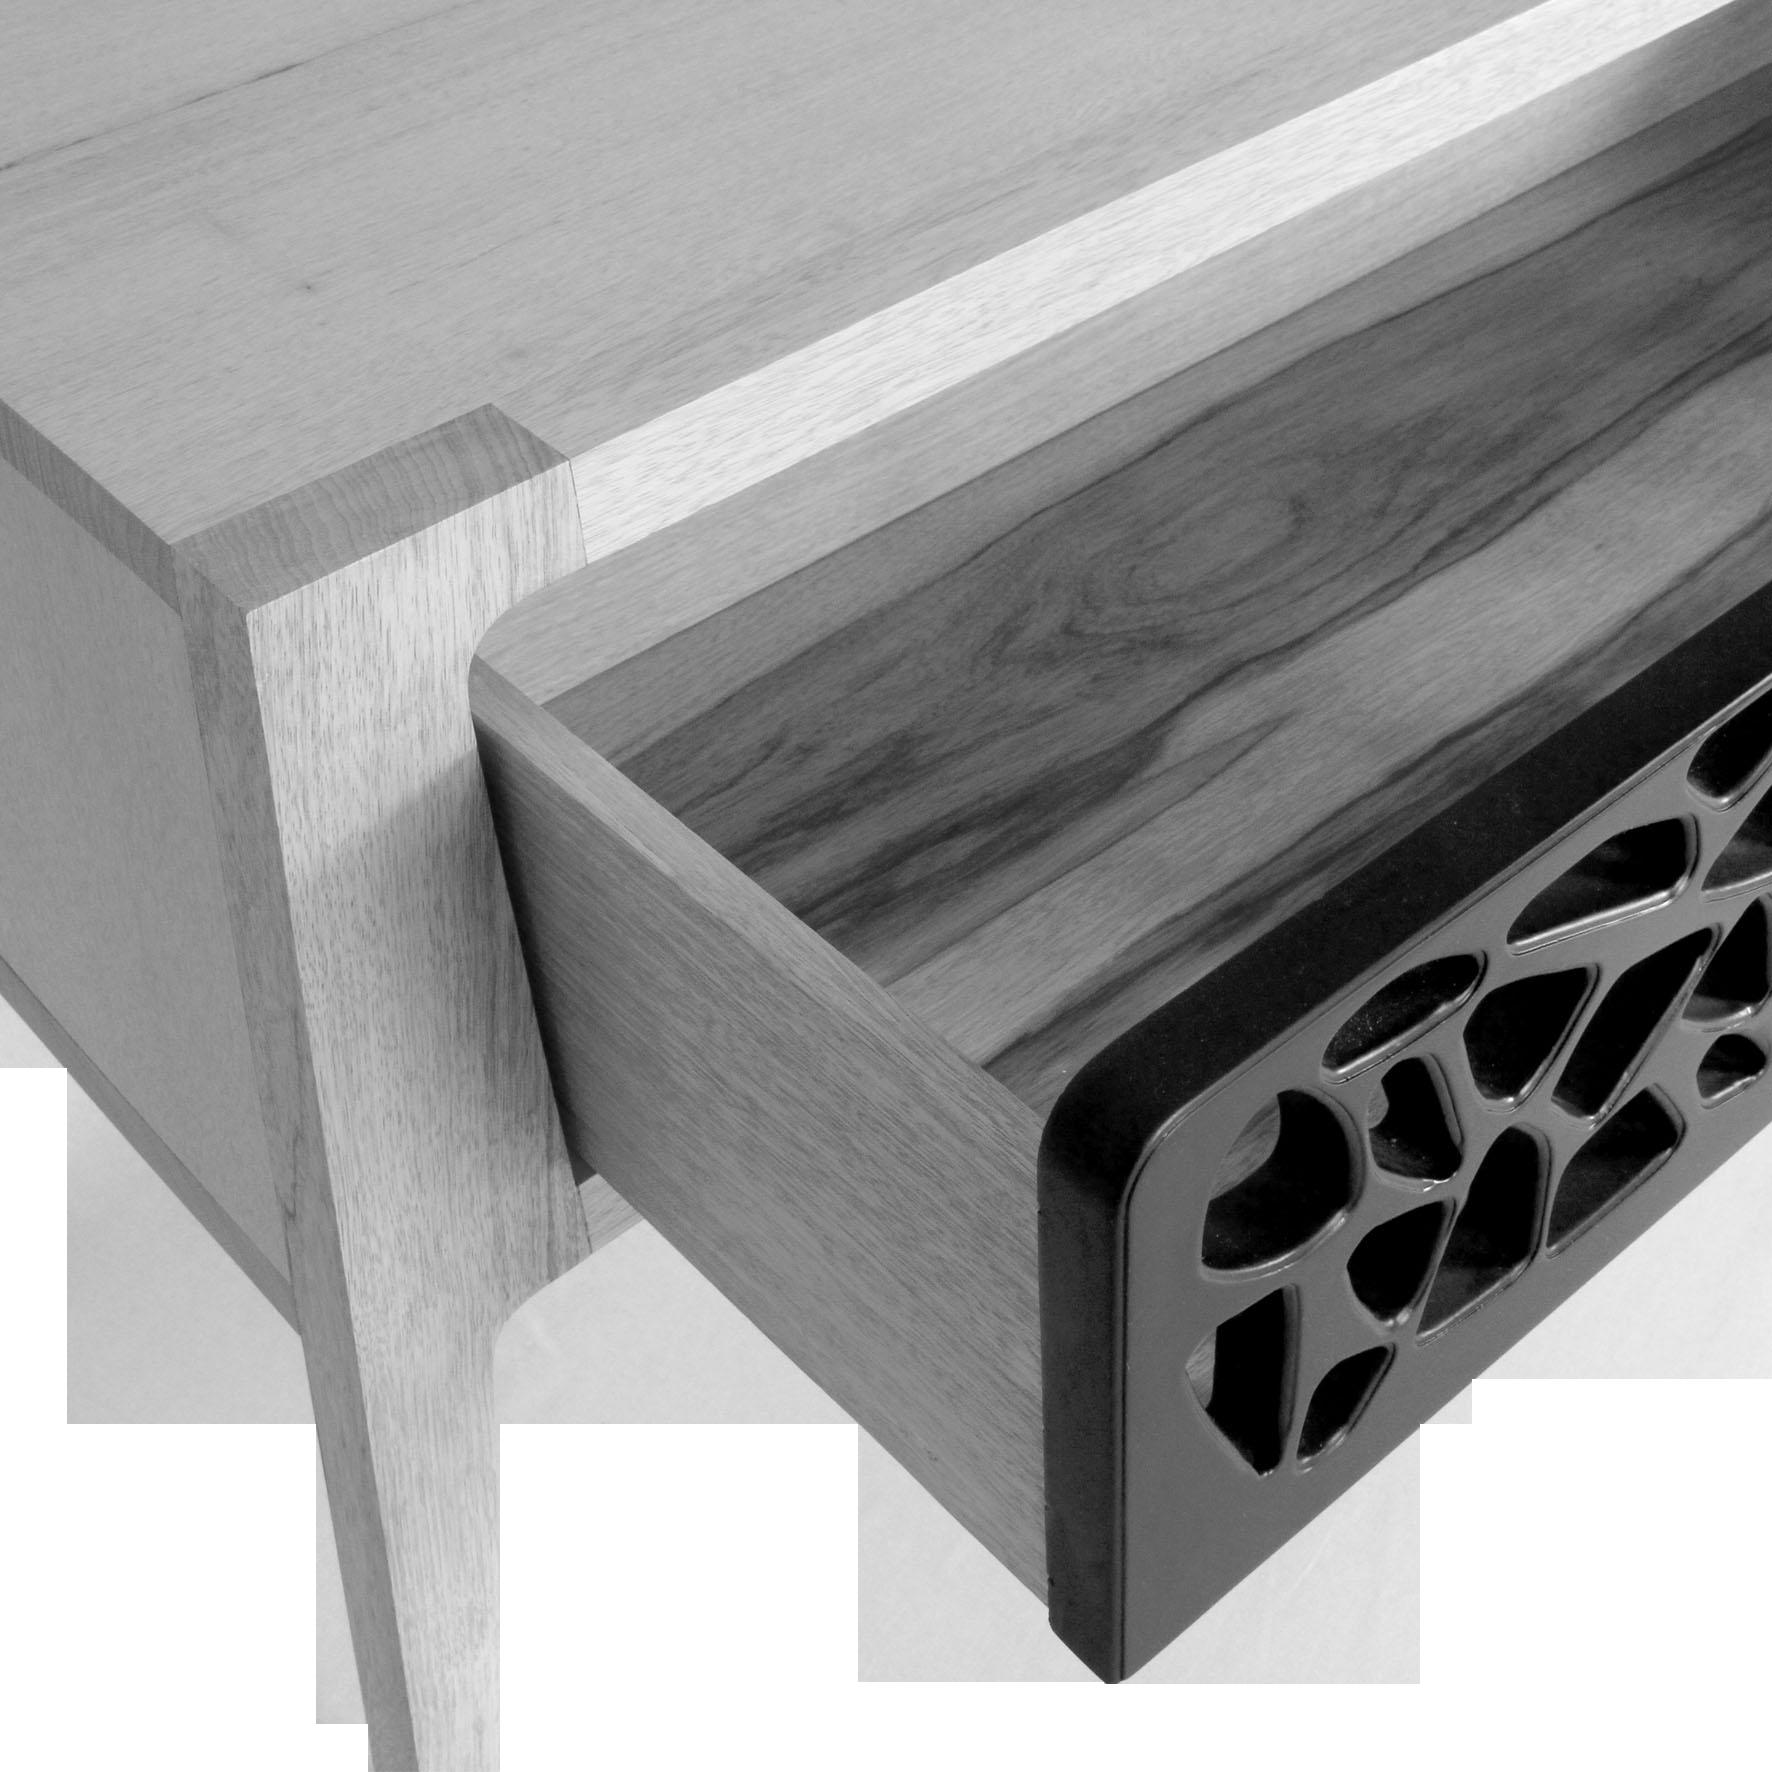 Caruana design cr ateur de mobilier contemporain for Meuble design createur